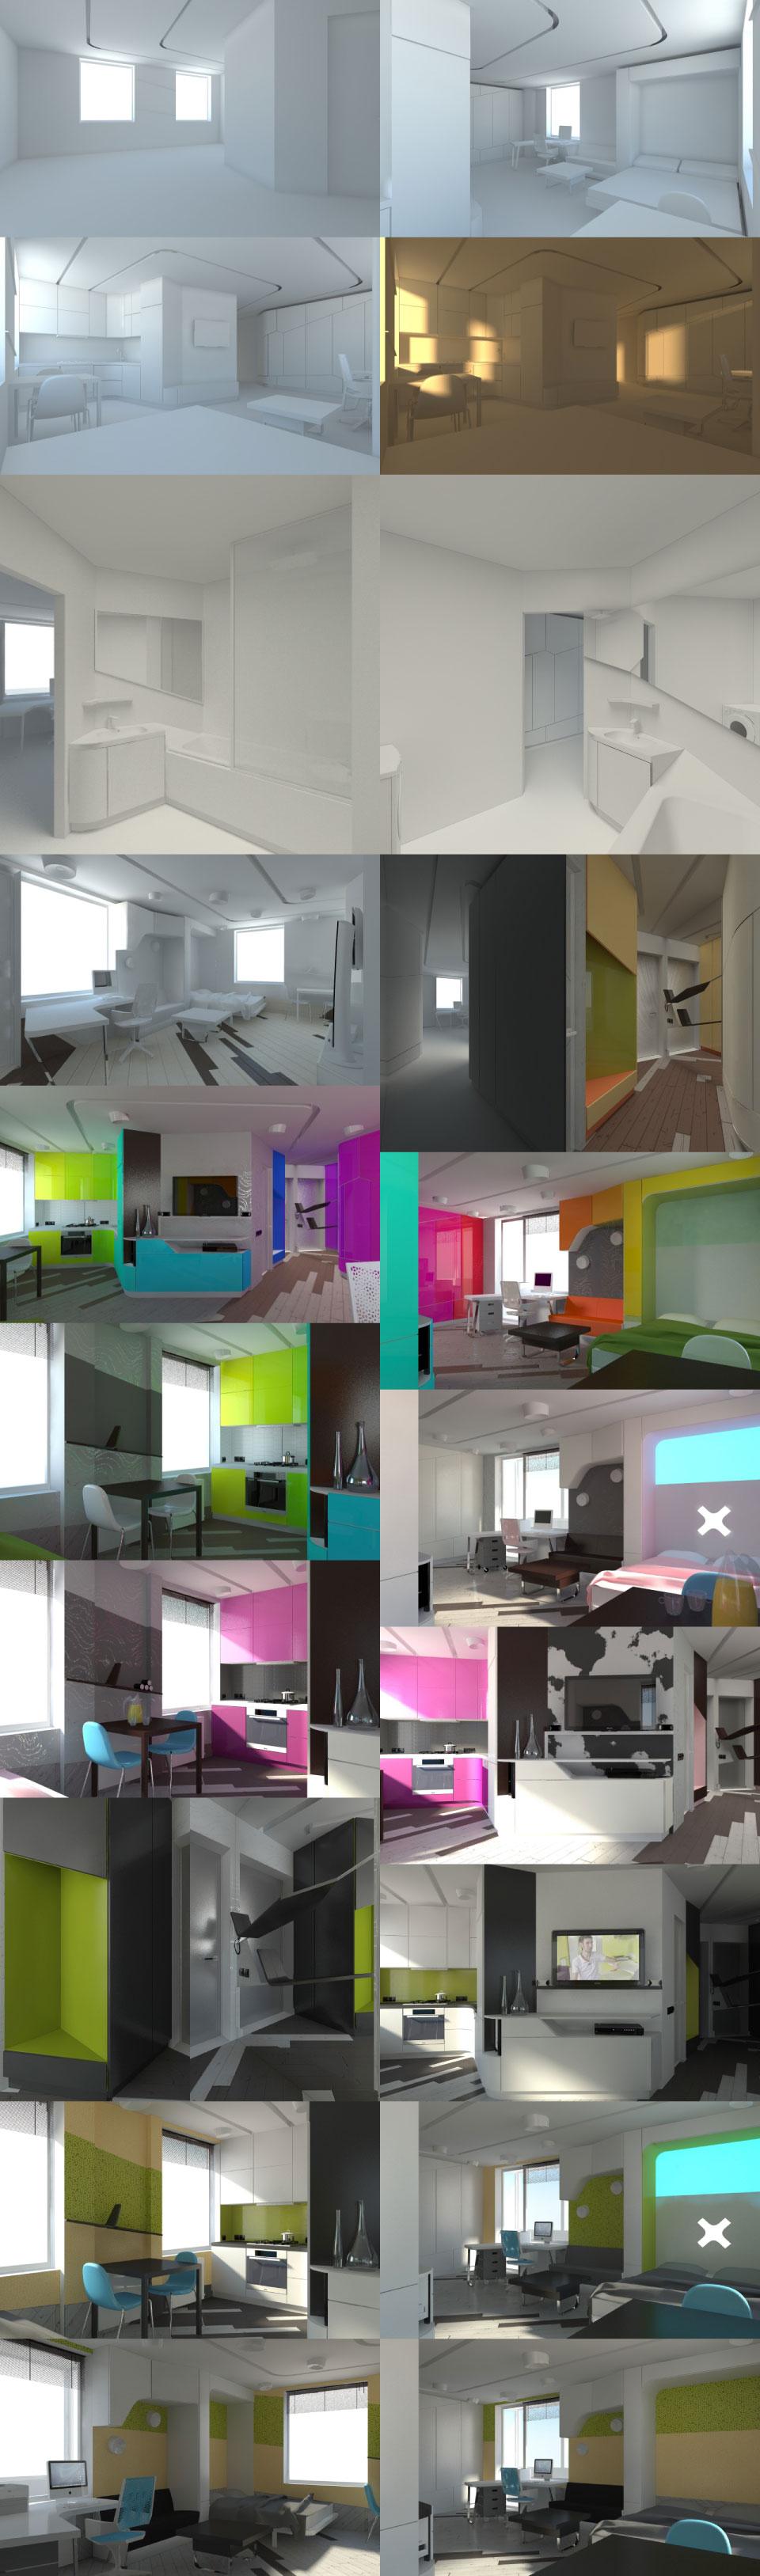 перепланування хрущовки в студію (колірні рішення)